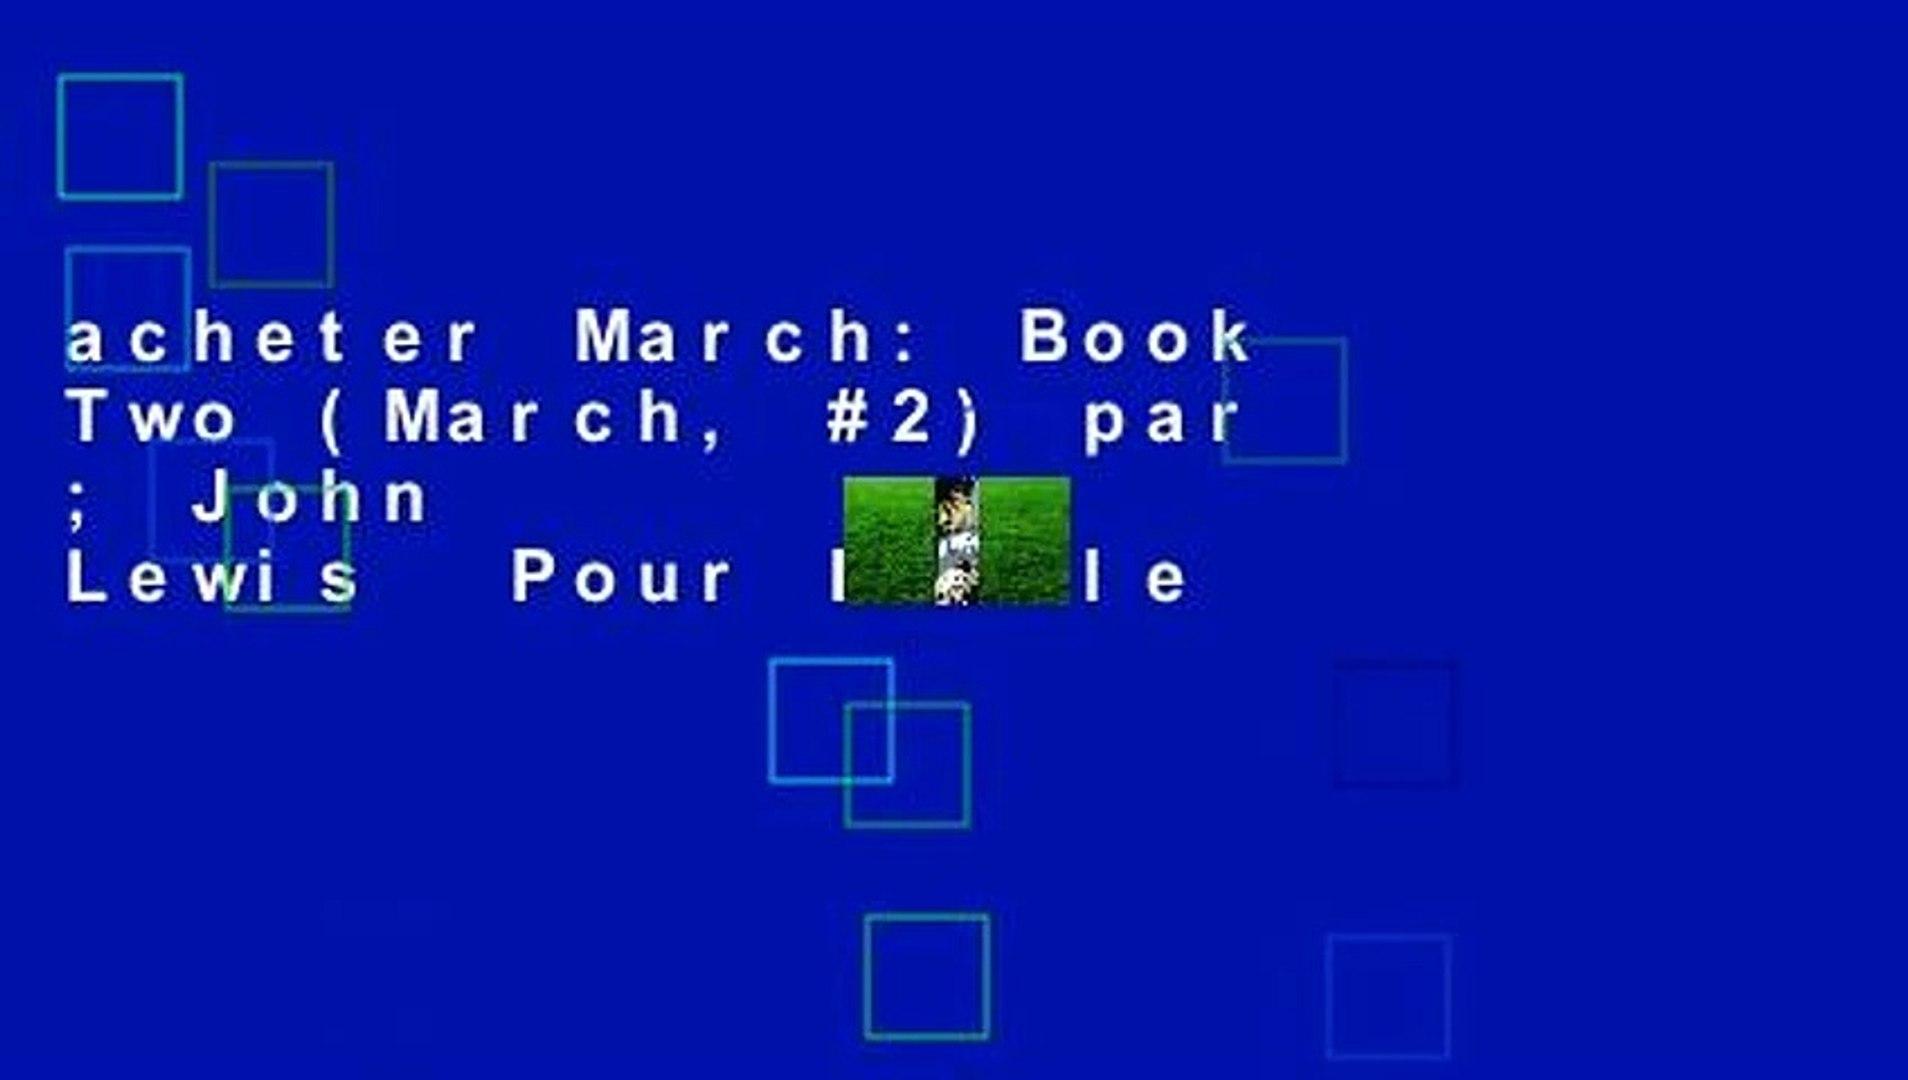 acheter March: Book Two (March, #2) par ; John             Lewis  Pour Kindle